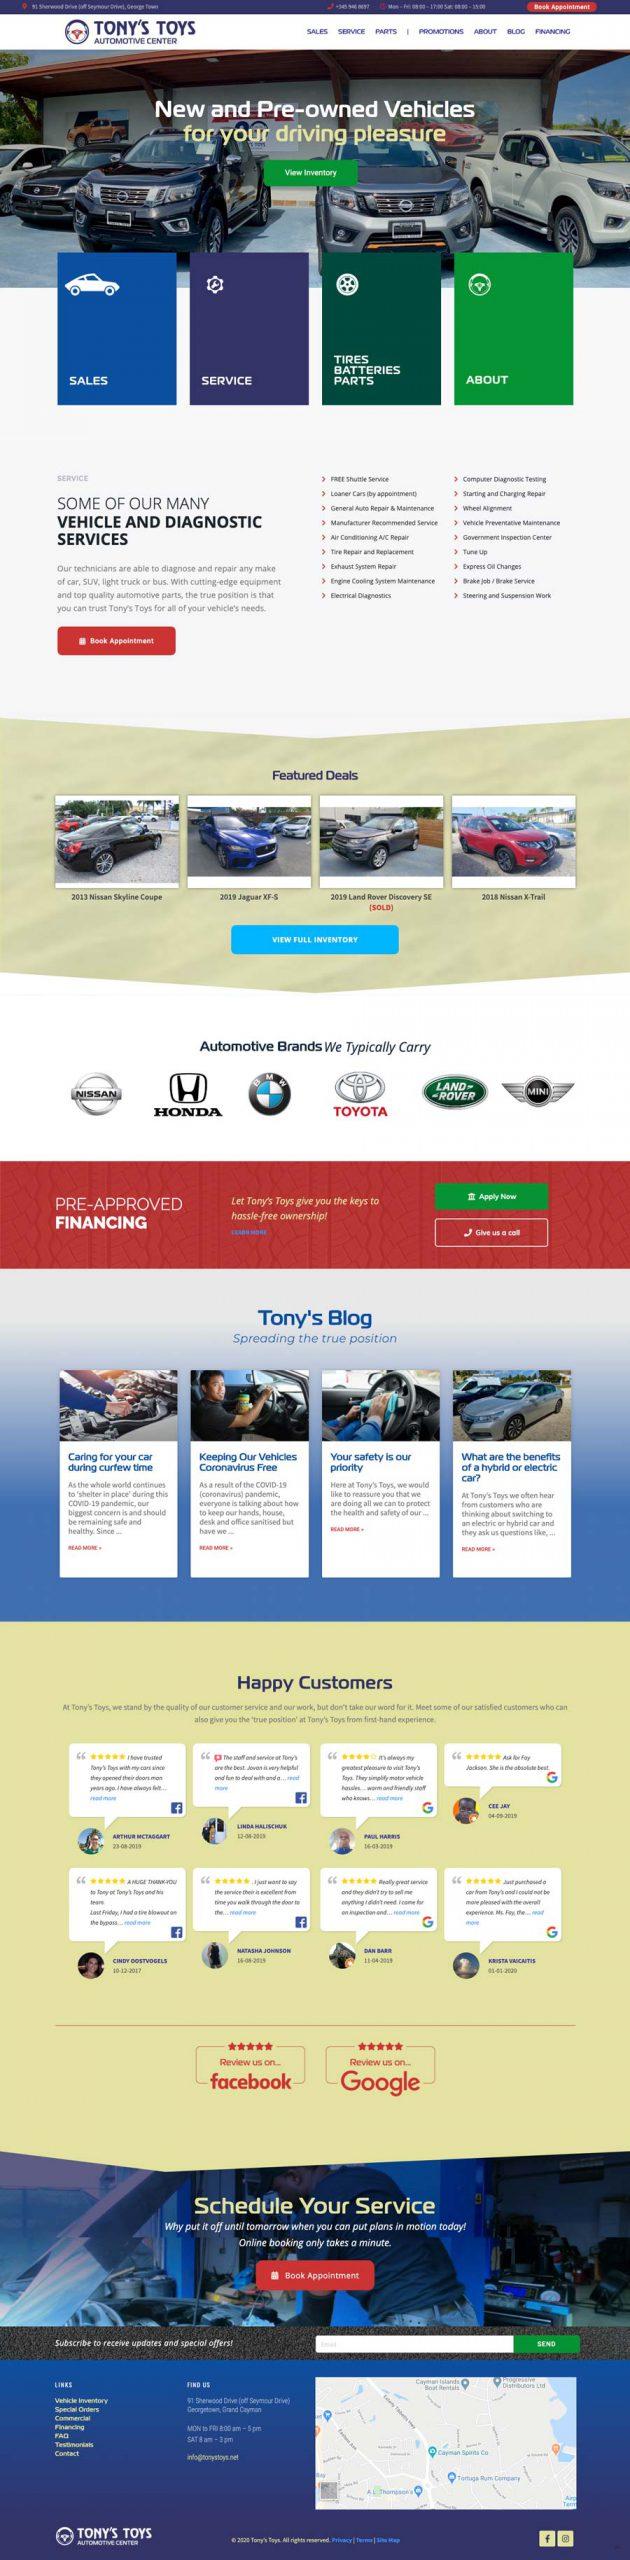 Website Design for Tonys Toys